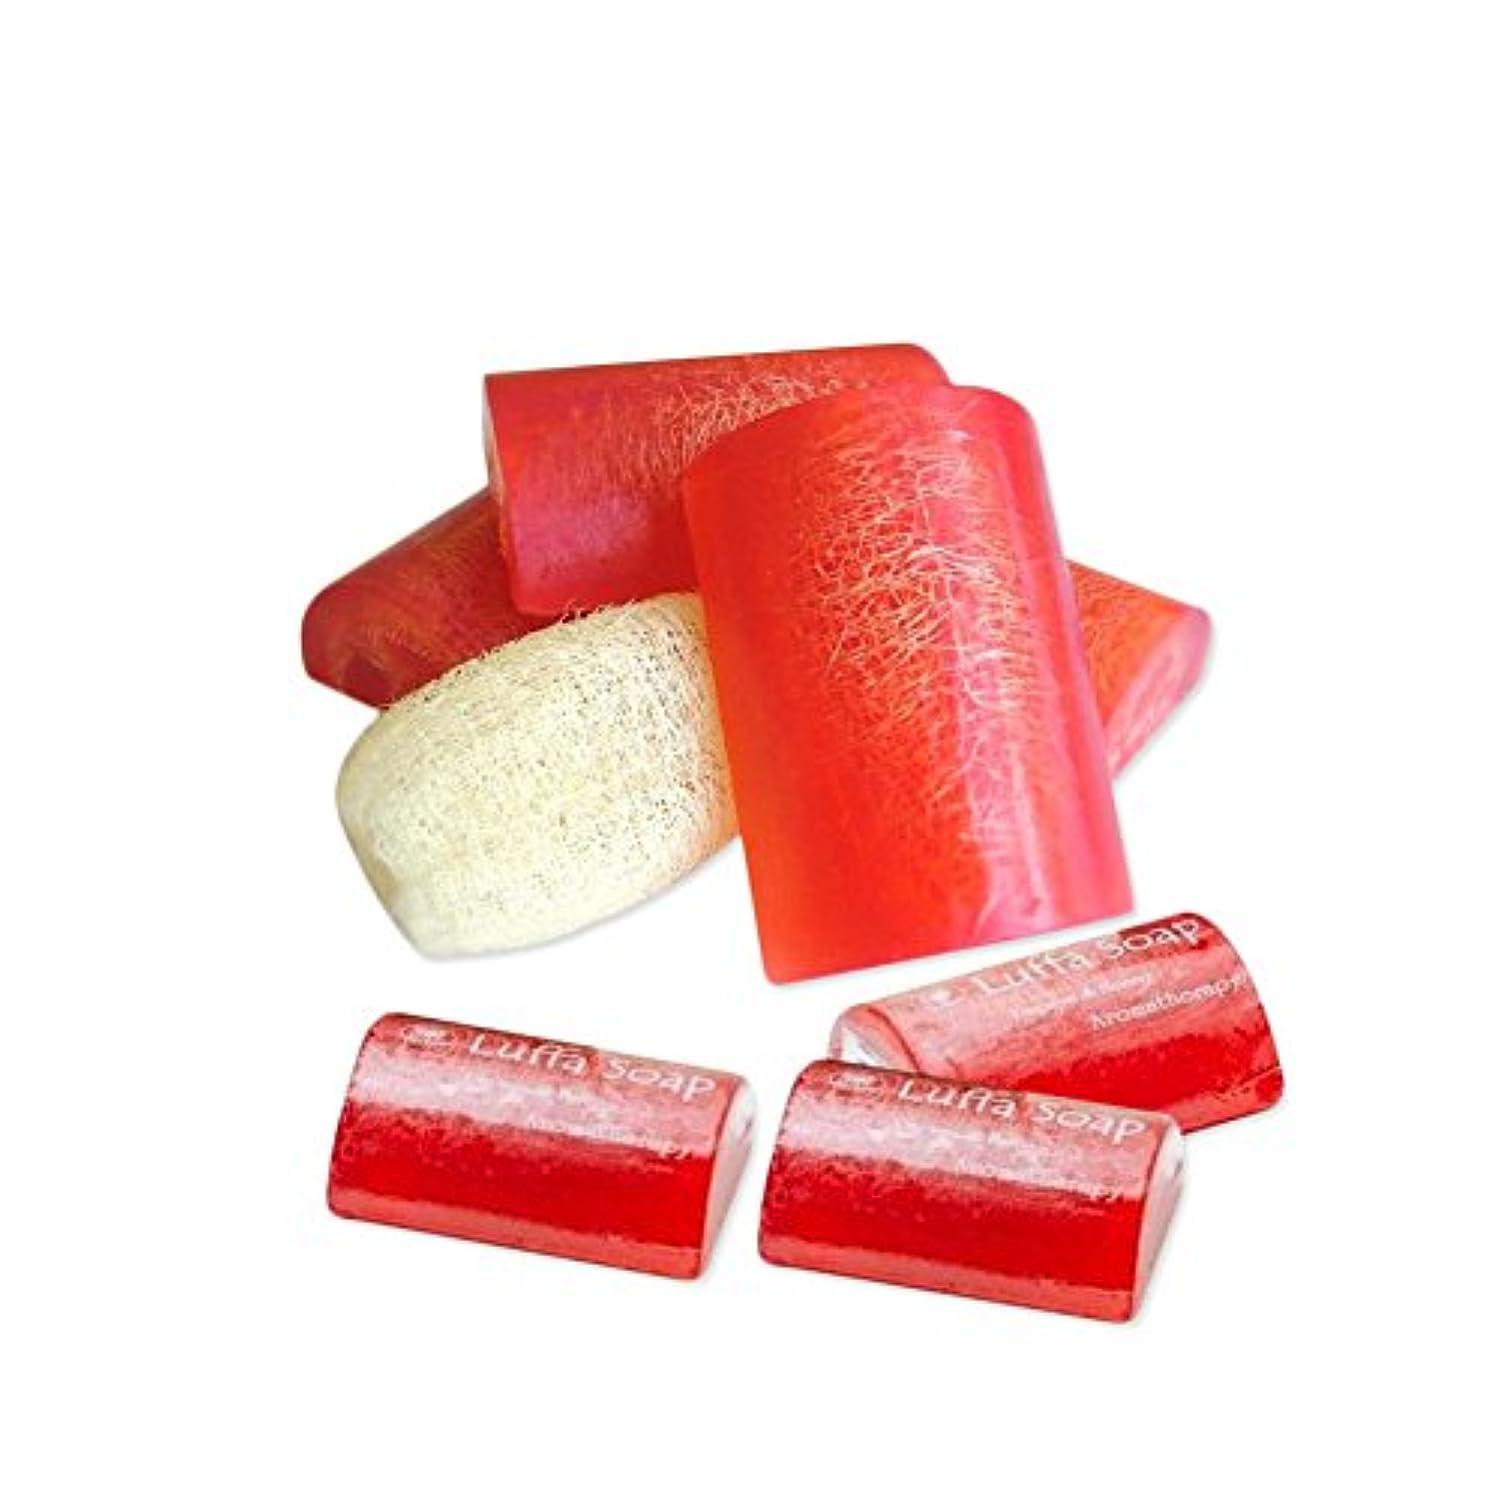 女将普通の降ろすSoap Net Nature Handmade AromaPapaya Honey Scrub Herbal Natural Relaxing After Work & Sport A luffa middle the soap Made from herbs